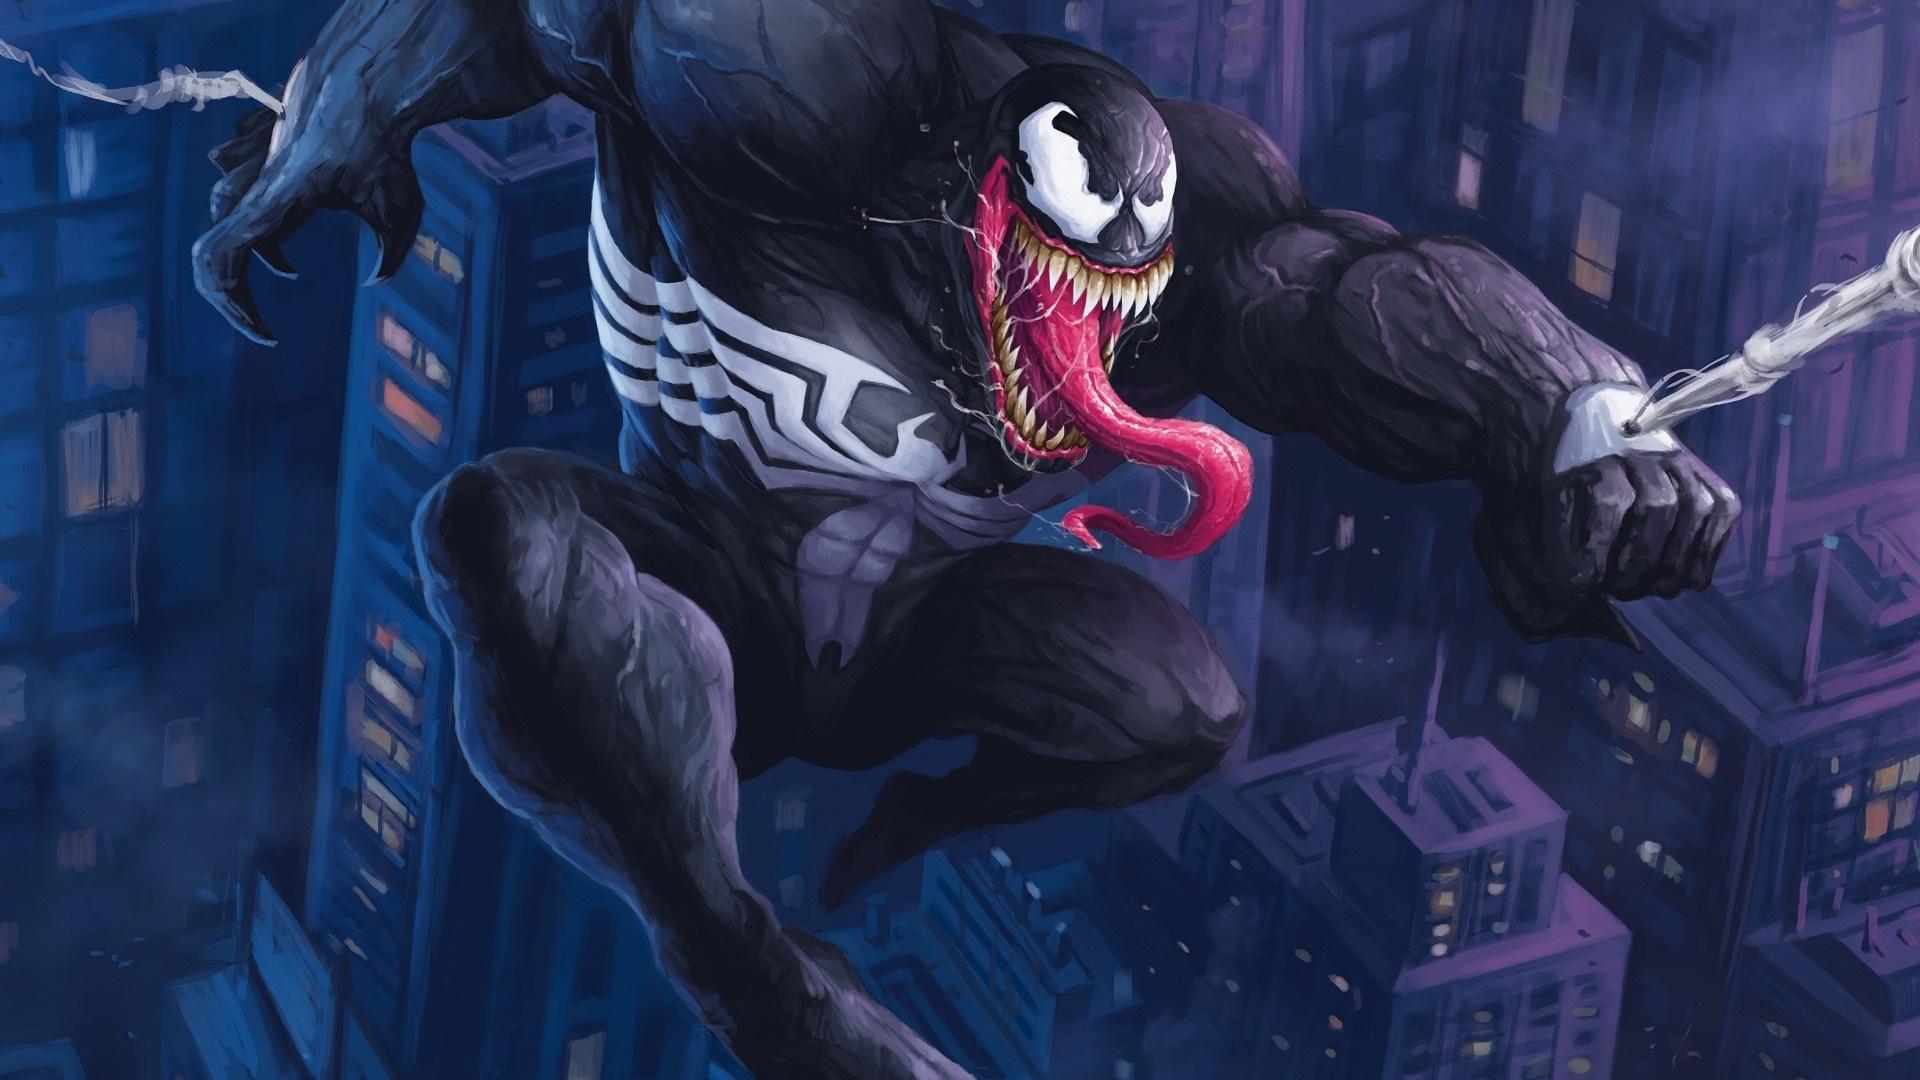 Venom best background